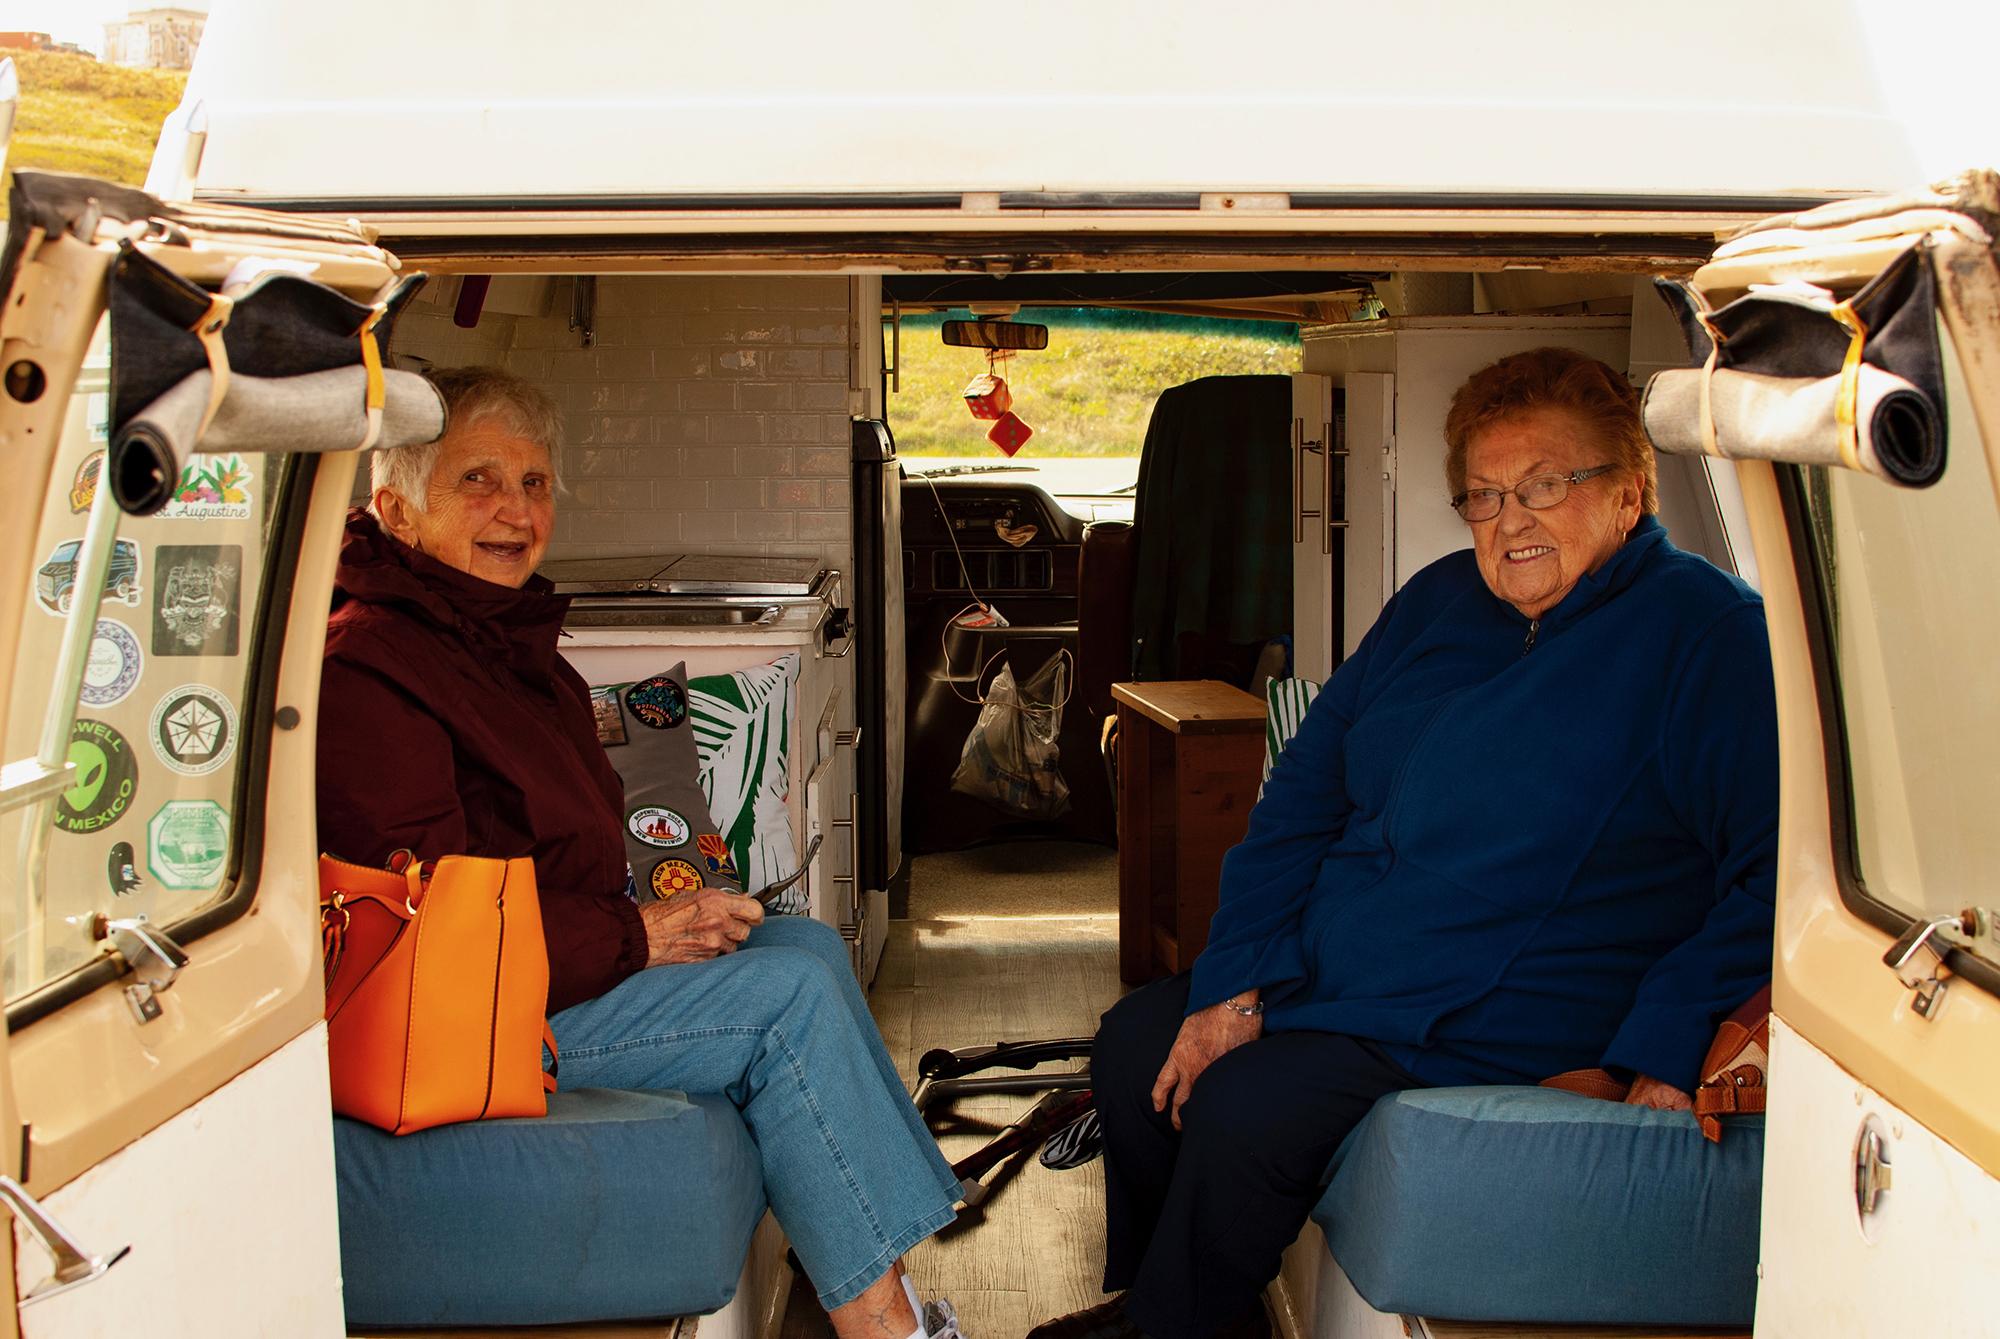 Generic Van Life - Newfoundland Nans in the Van